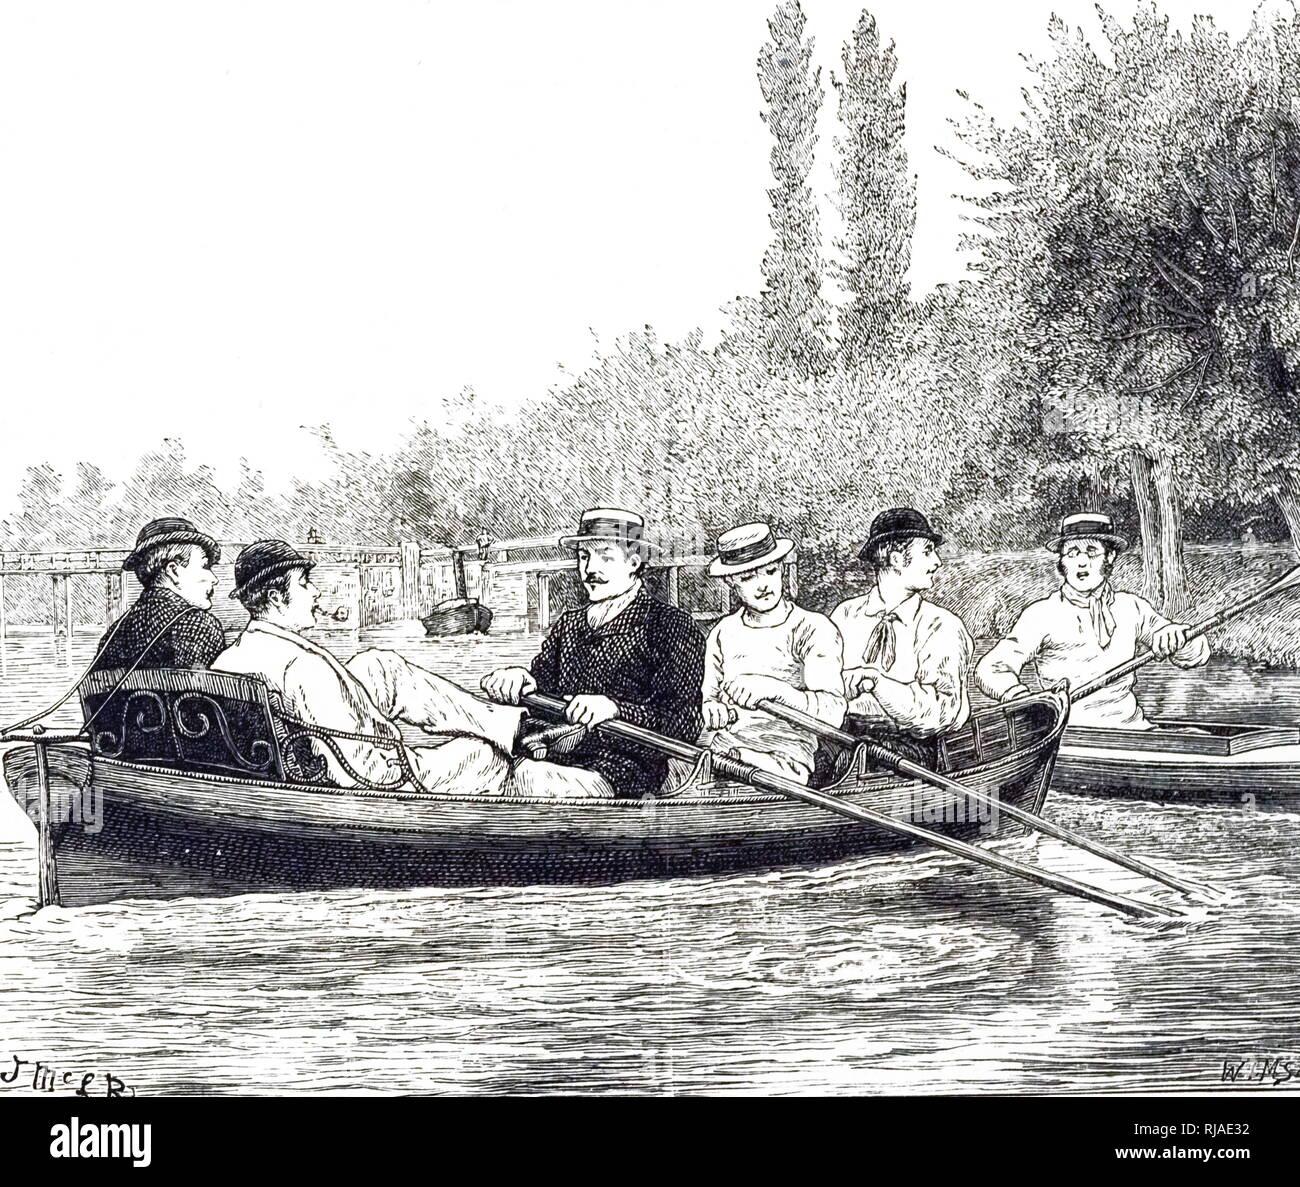 Illustration montrant les étudiants d'Oxford, dans la pratique, pour la course de bateau, 1879. La Boat Race est une course d'Aviron annuelle entre l'Université d'Oxford et le Club de bateau de Cambridge University Boat Club, ramé entre hommes et femmes, ouvrez-eights poids sur la Tamise à Londres, en Angleterre. Il est également connu sous le nom de University Boat Race et de l'Oxford et Cambridge Boat Race. La course des hommes a été tenue pour la première fois en 1829 et a lieu chaque année depuis 1856, sauf pendant la première et la seconde guerre mondiale. Photo Stock